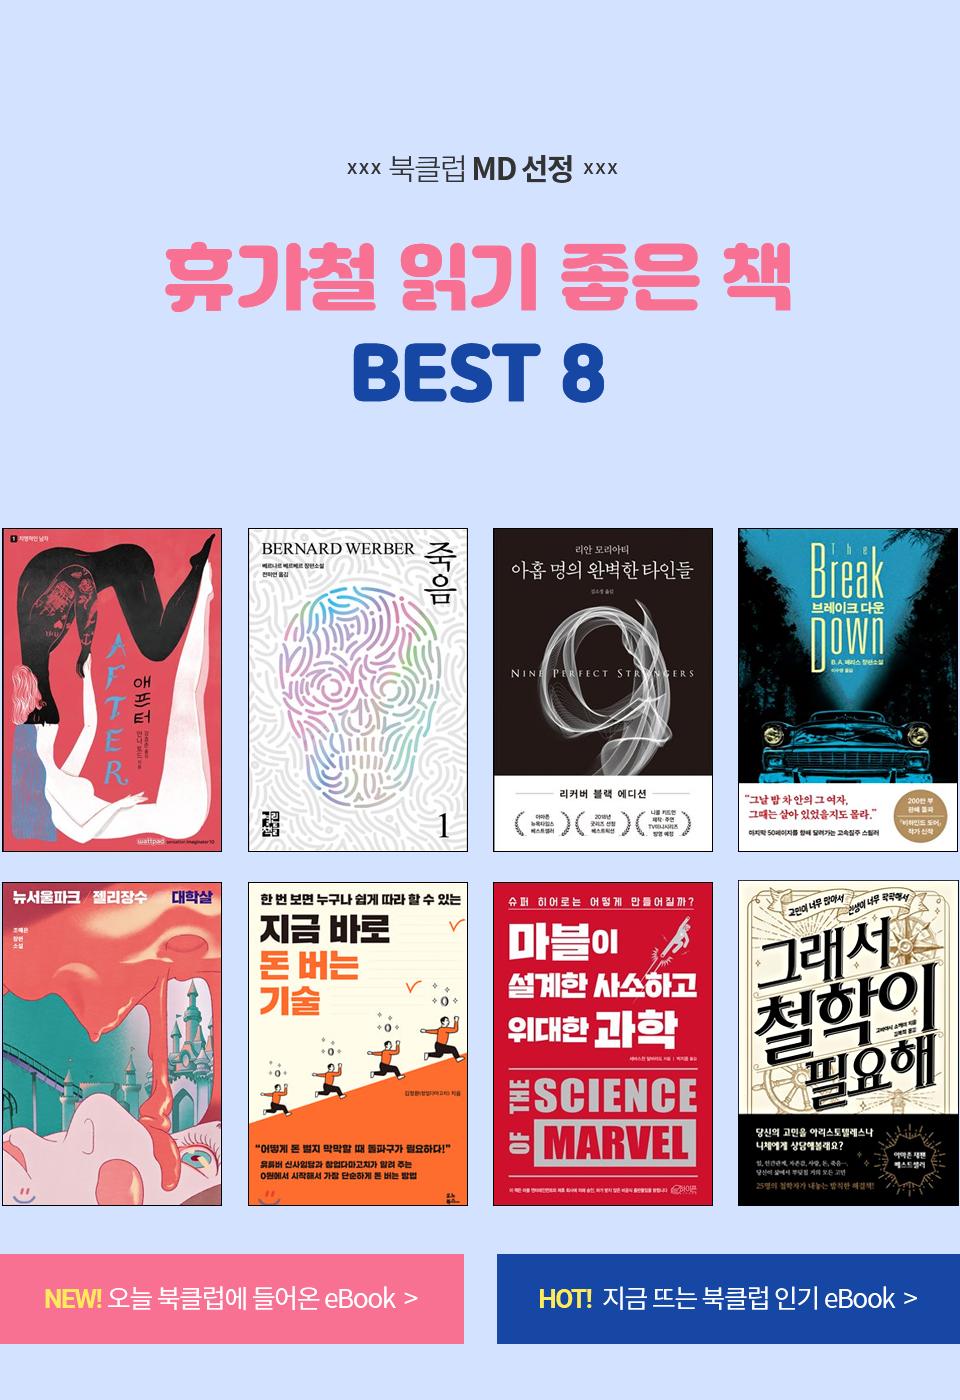 휴가철 읽기 좋은 책 BEST8